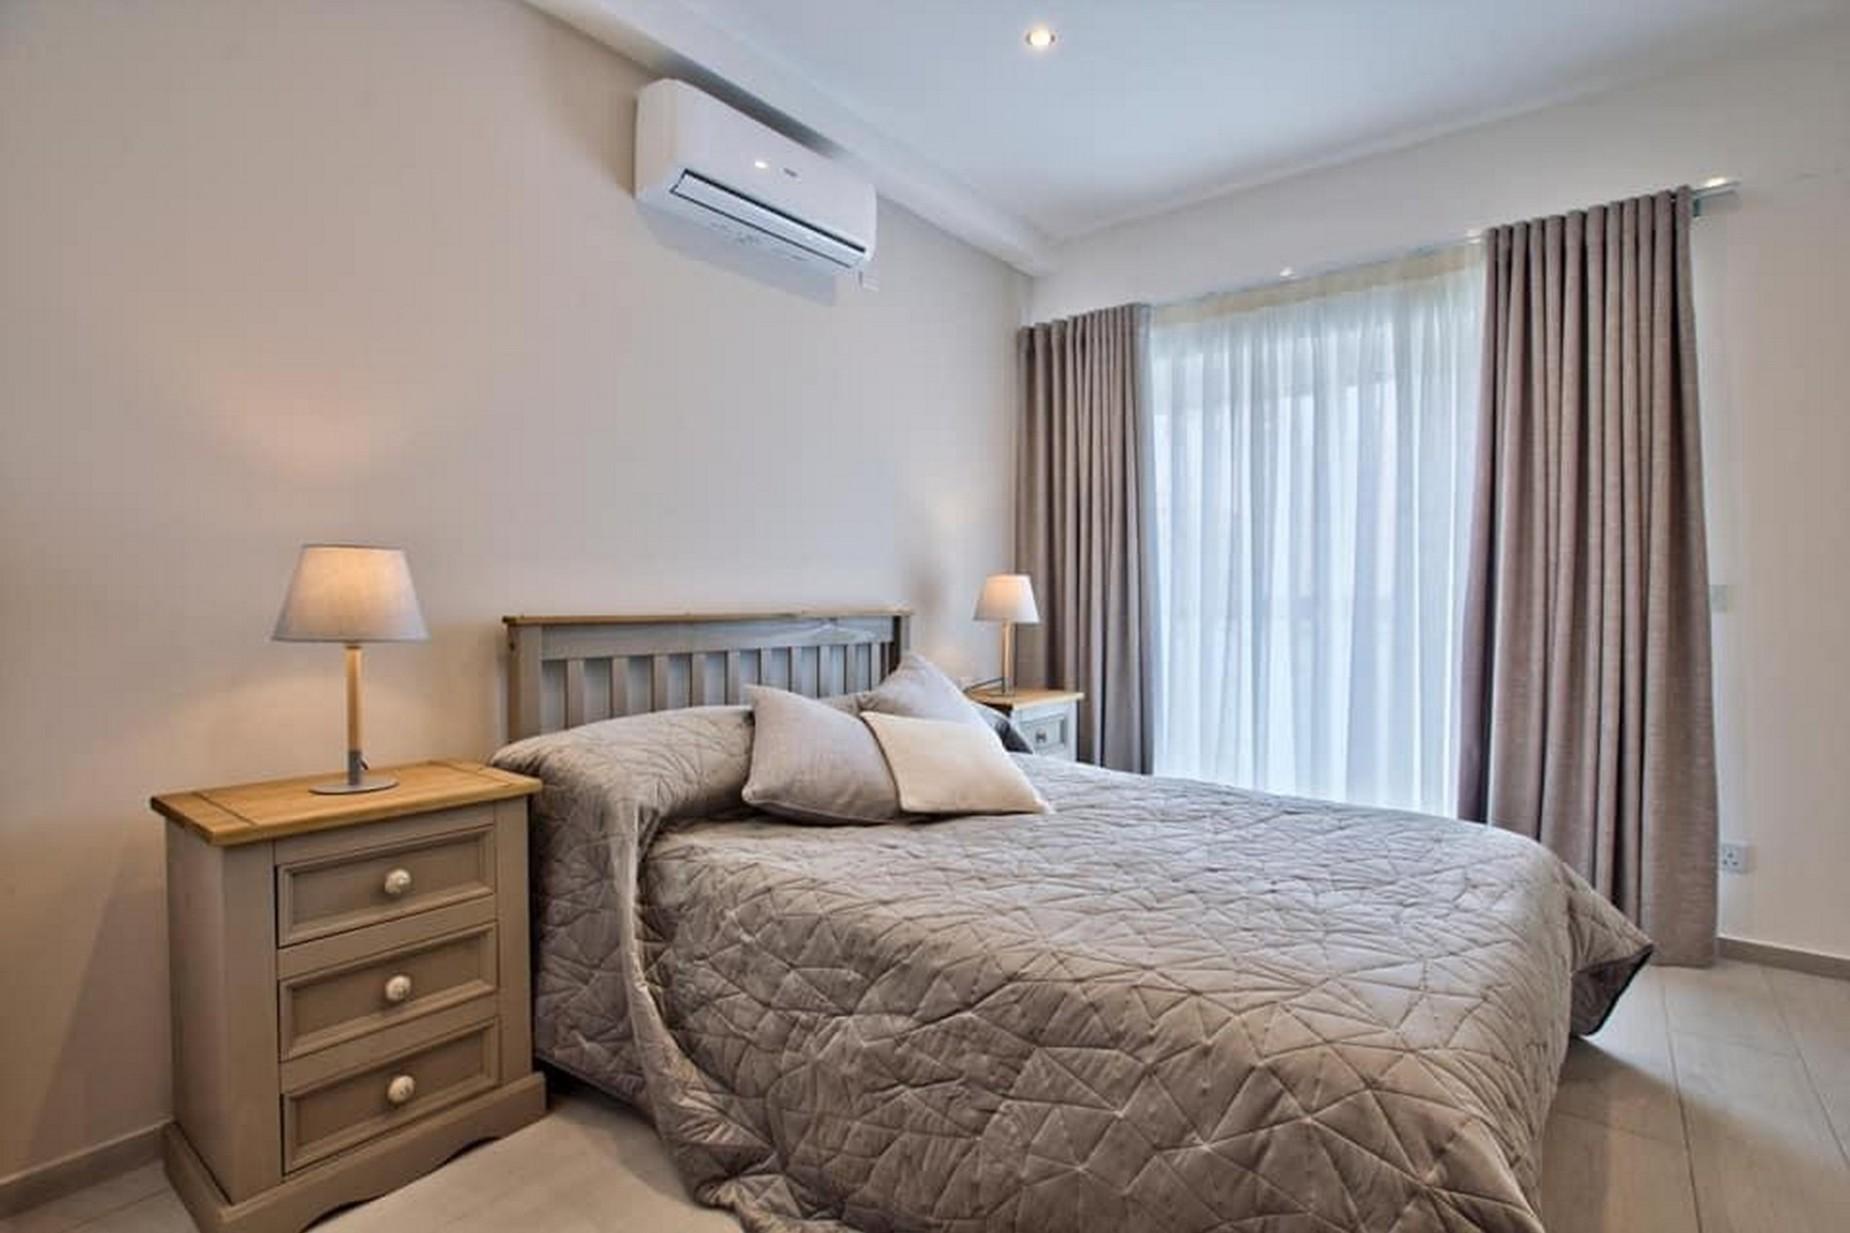 3 bed Apartment For Rent in San Gwann, San Gwann - thumb 5